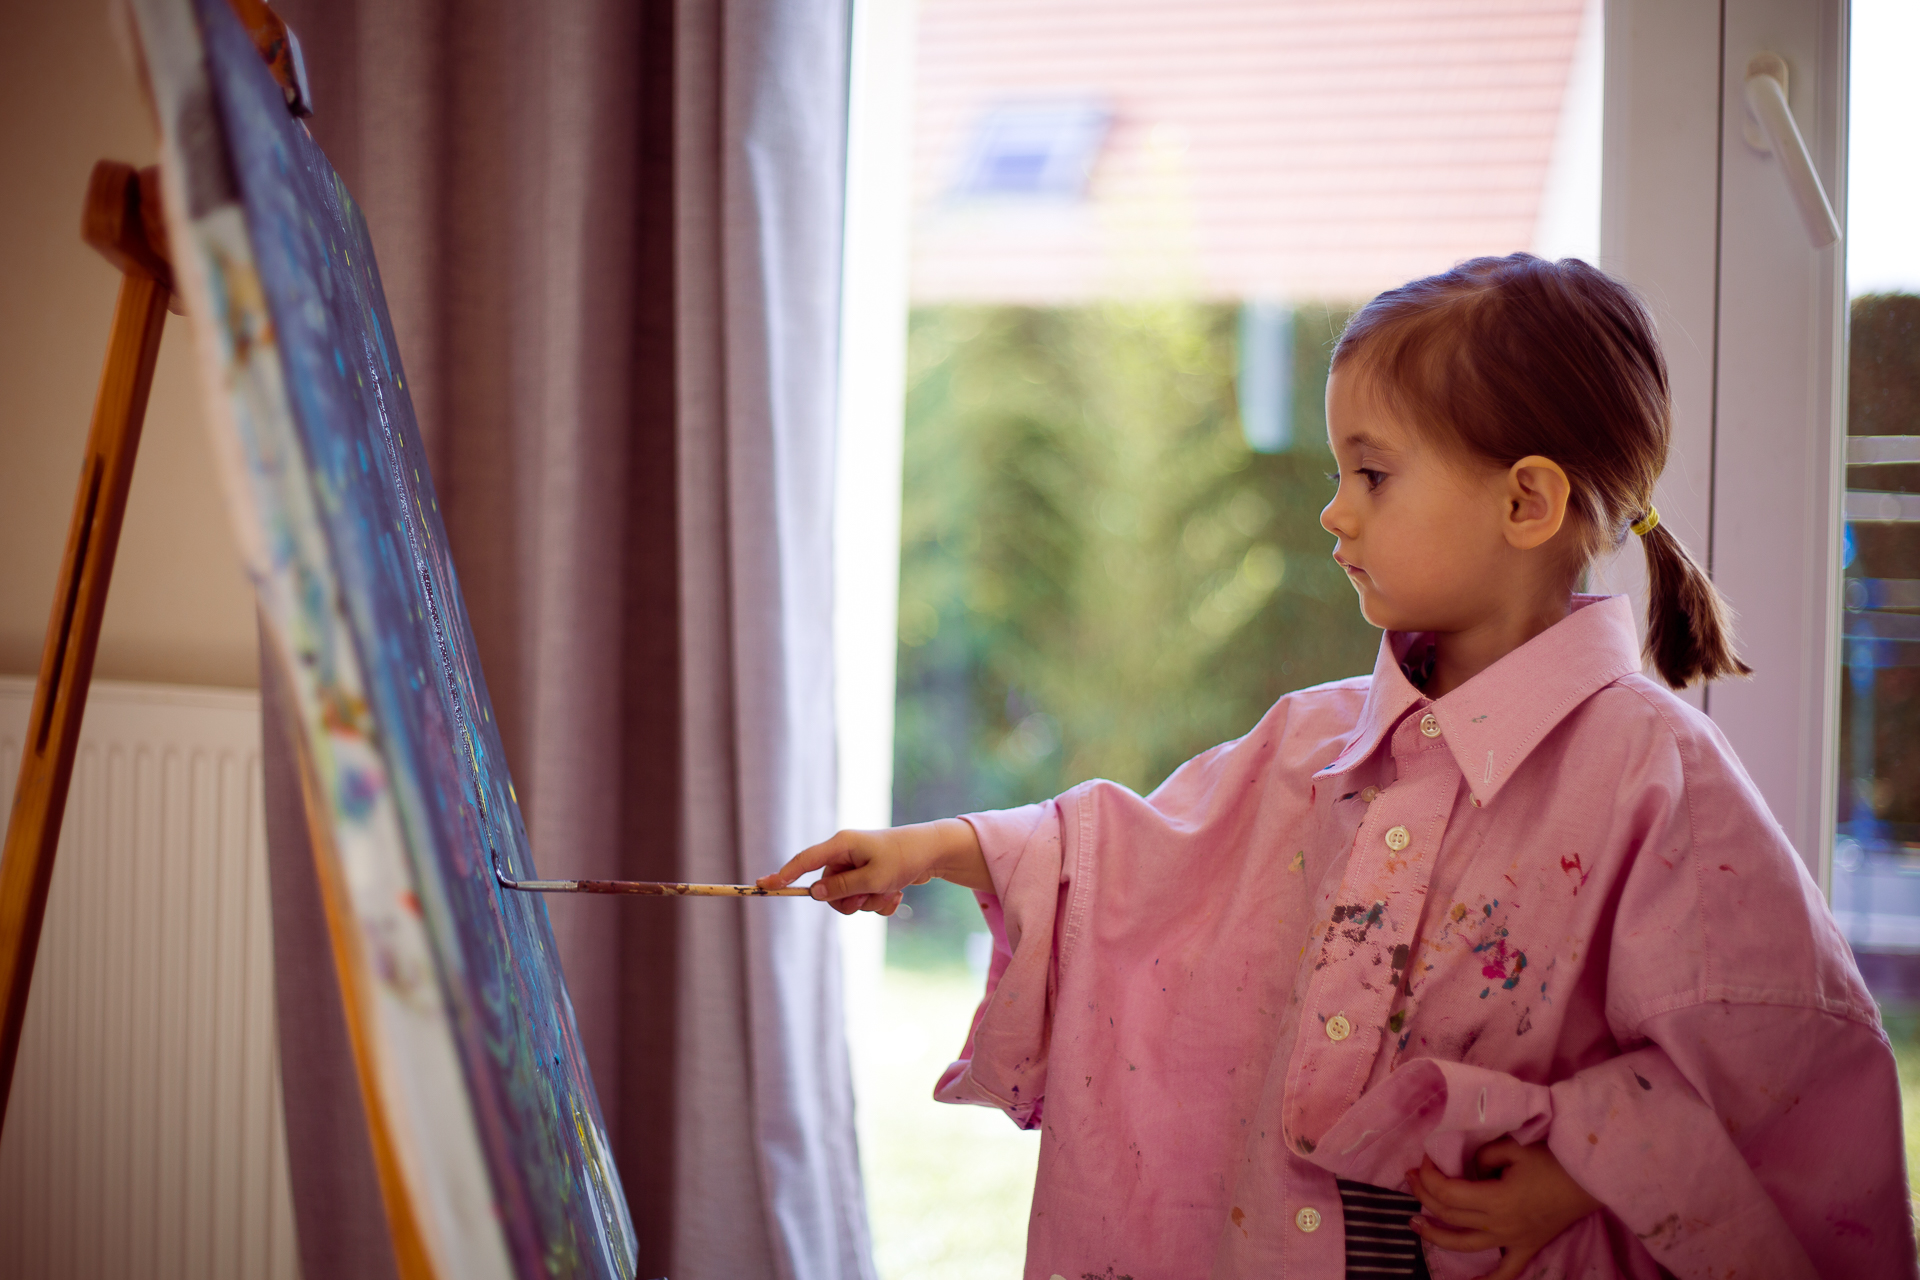 séance-photos-notre-vie-de-famille-aline-pictures.jpg